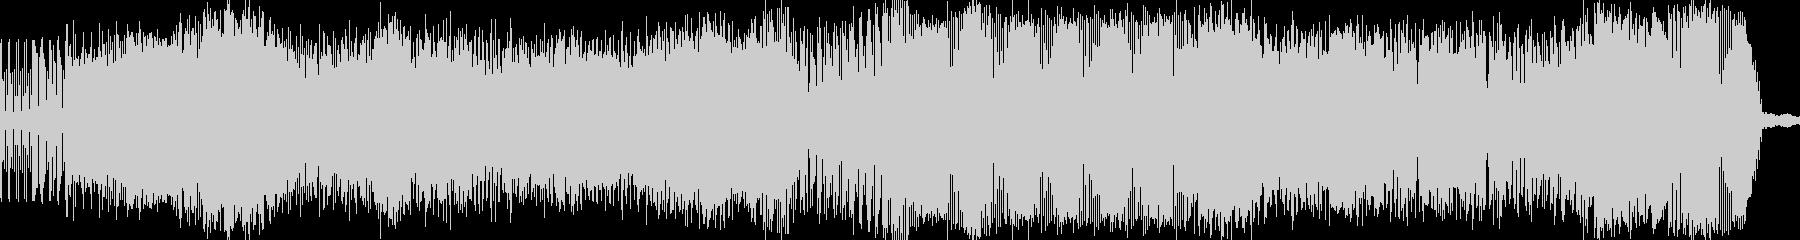 カッコいいアンビエンスBGMの未再生の波形